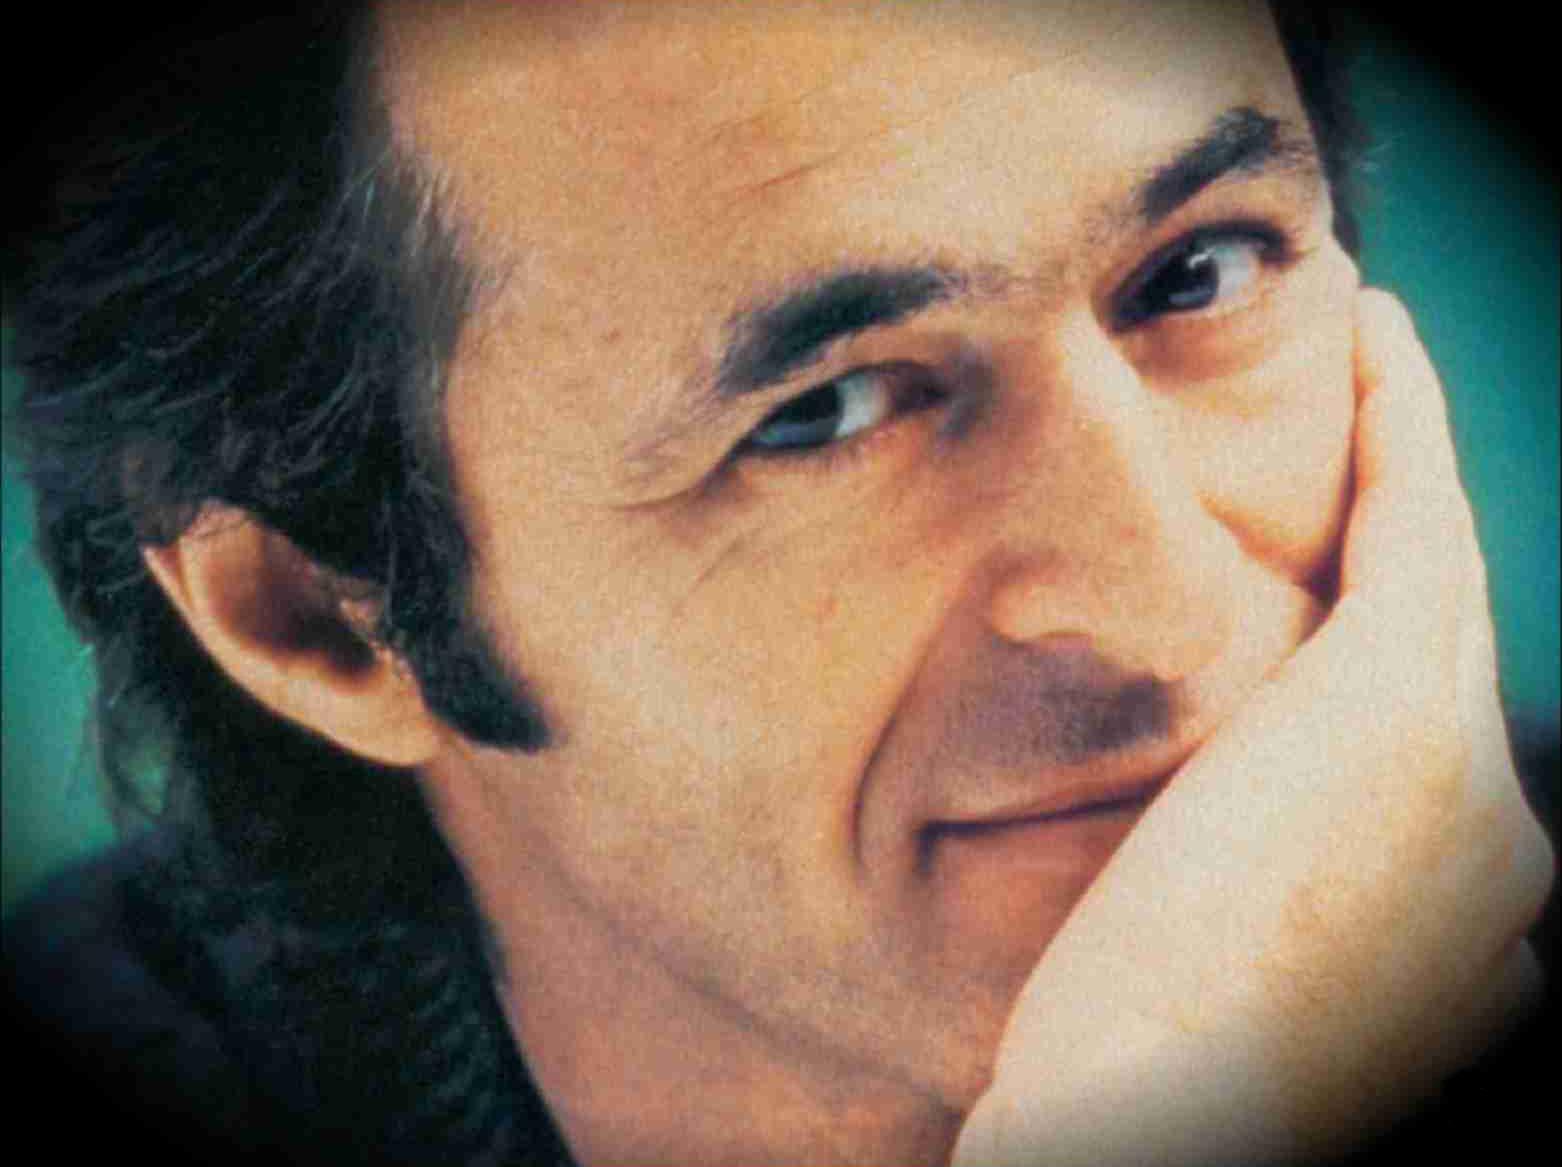 « Jean-Jacques Goldman de l'intérieur »: un documentaire inédit bientôt sur France 3